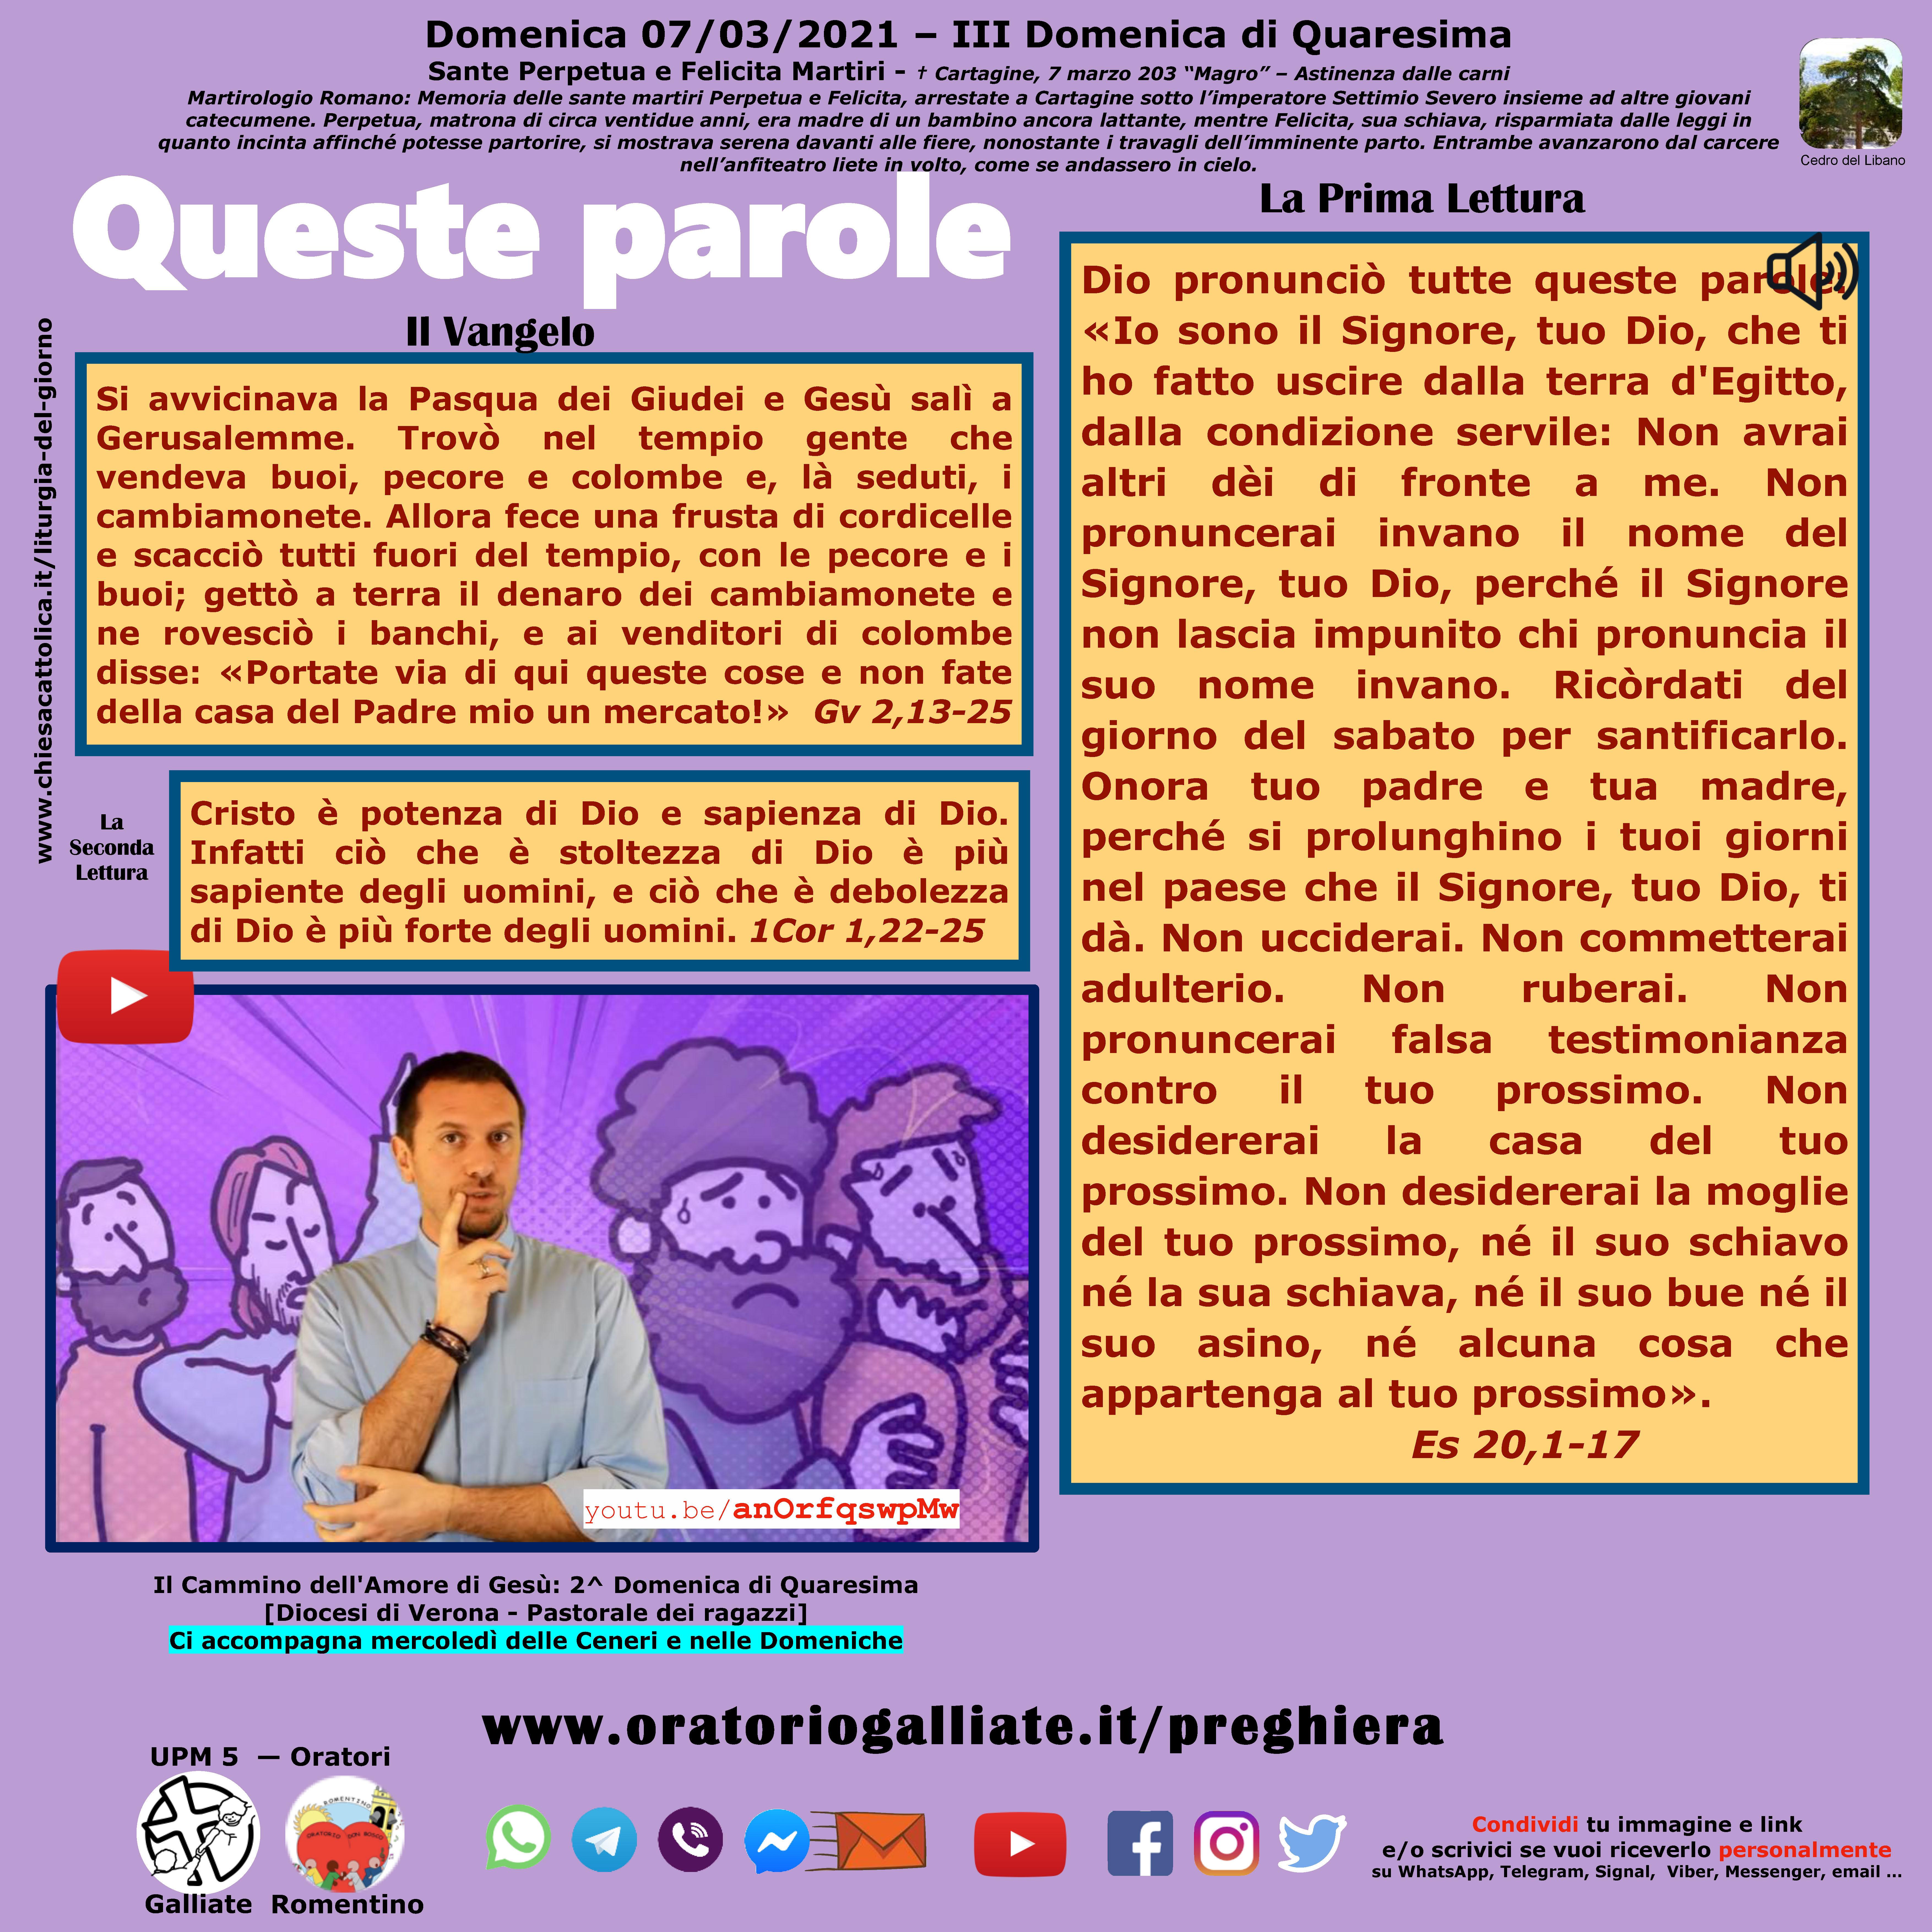 """Prg210307-Quaresima"""" width="""